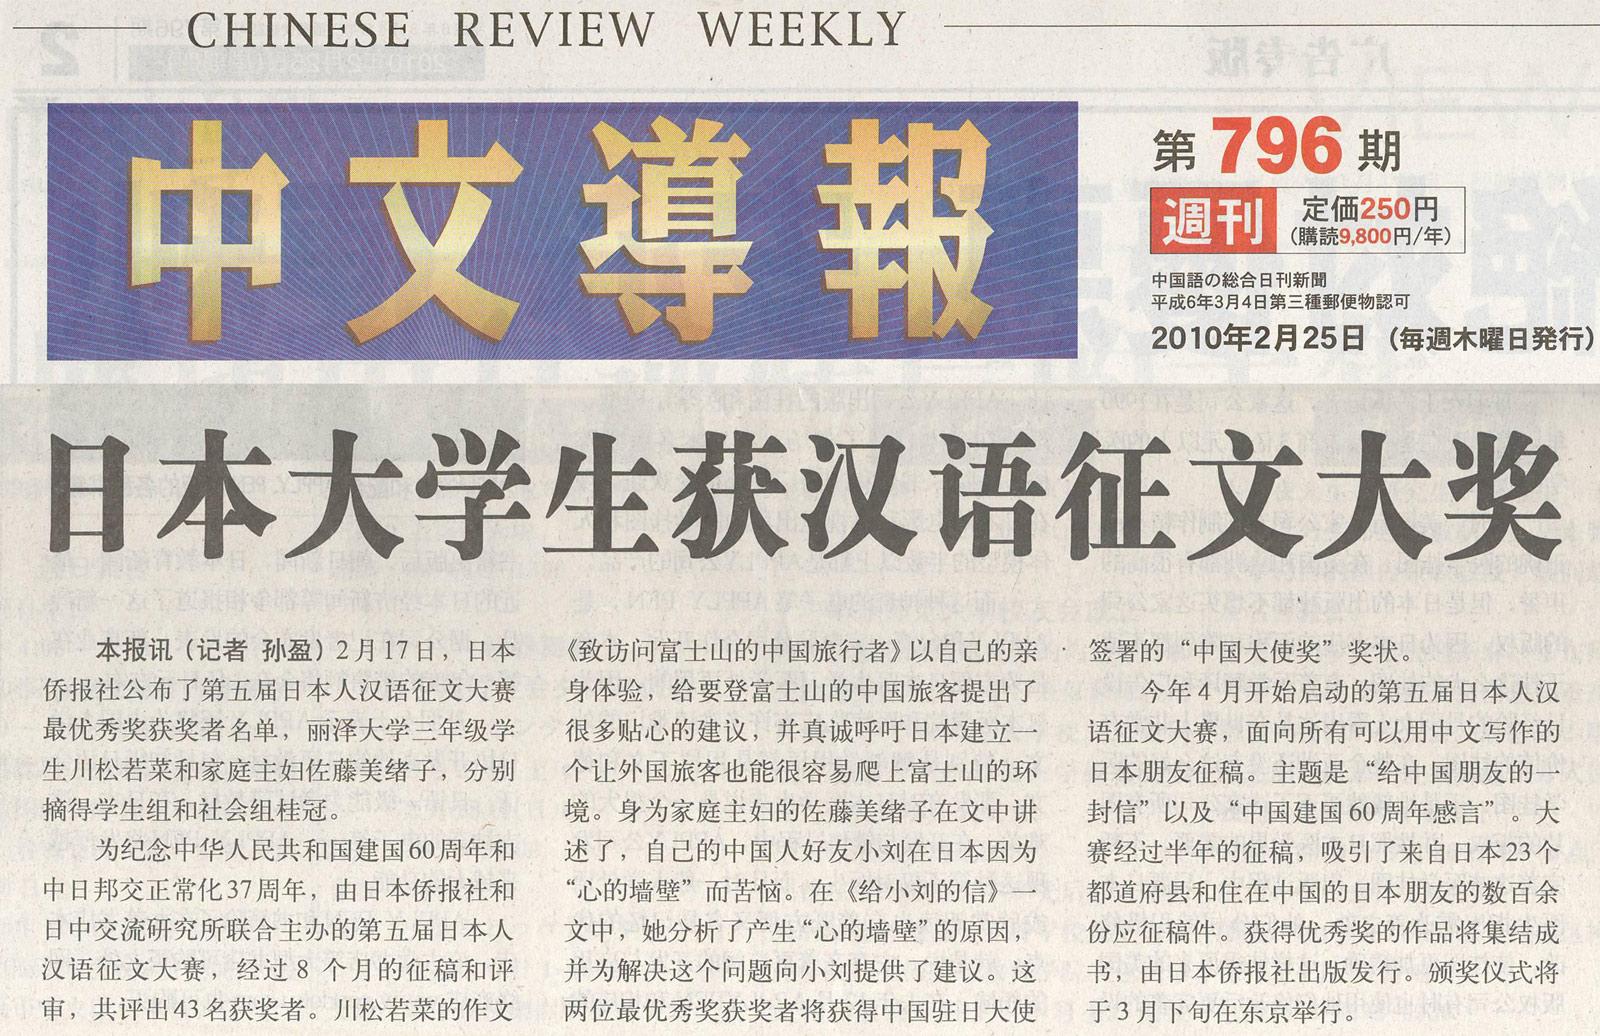 日本大学生获汉语征文大奖   中文導報に掲載_d0027795_14453011.jpg